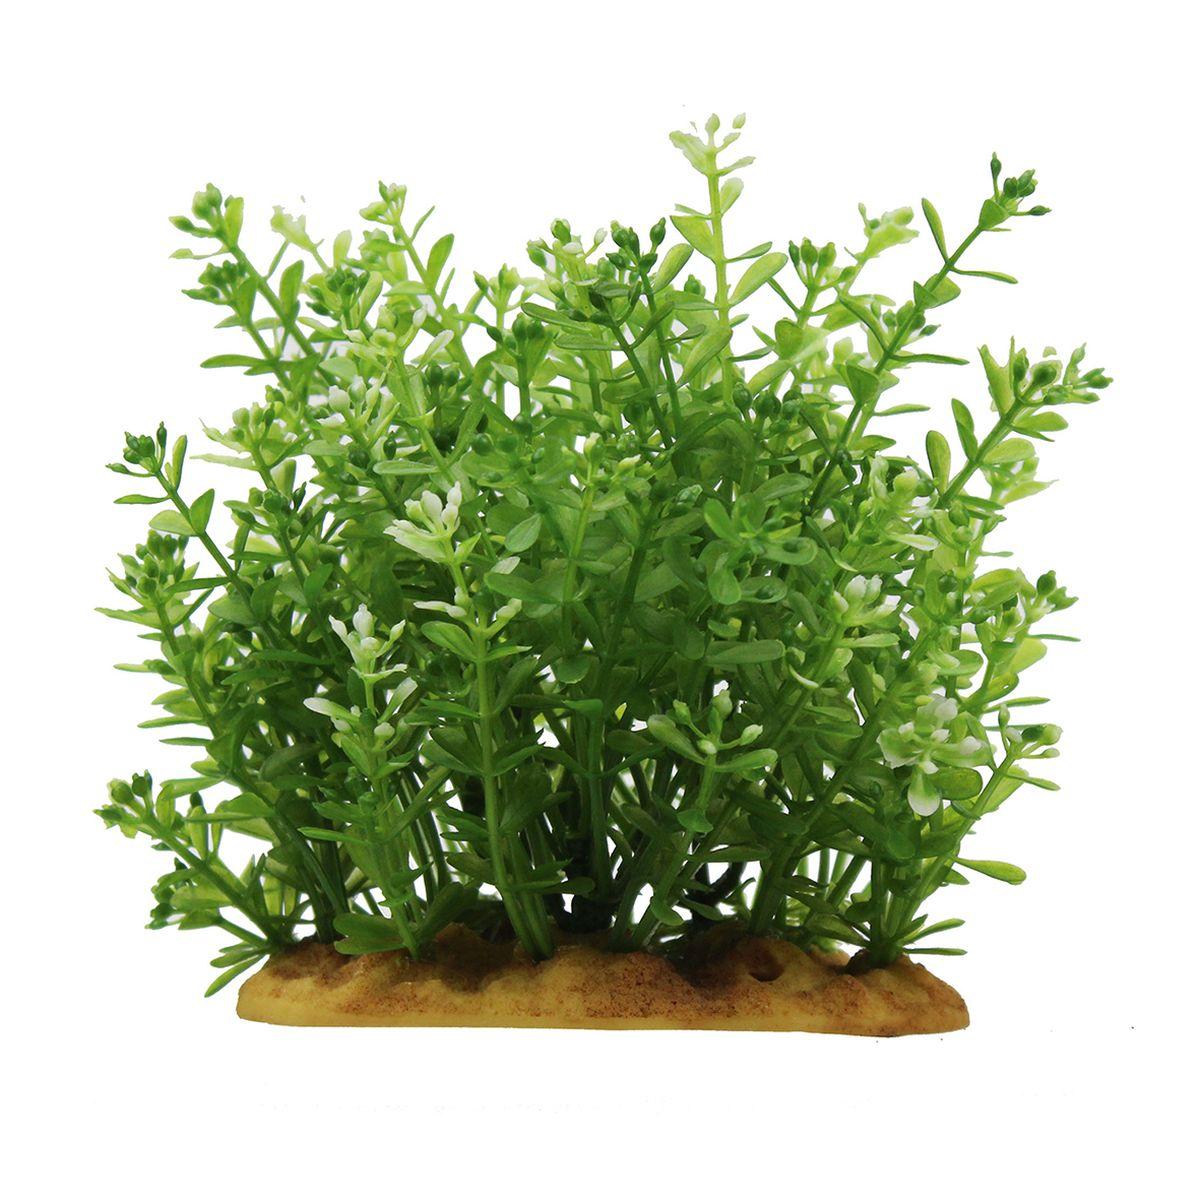 Растение для аквариума ArtUniq Ротала, высота 15 см